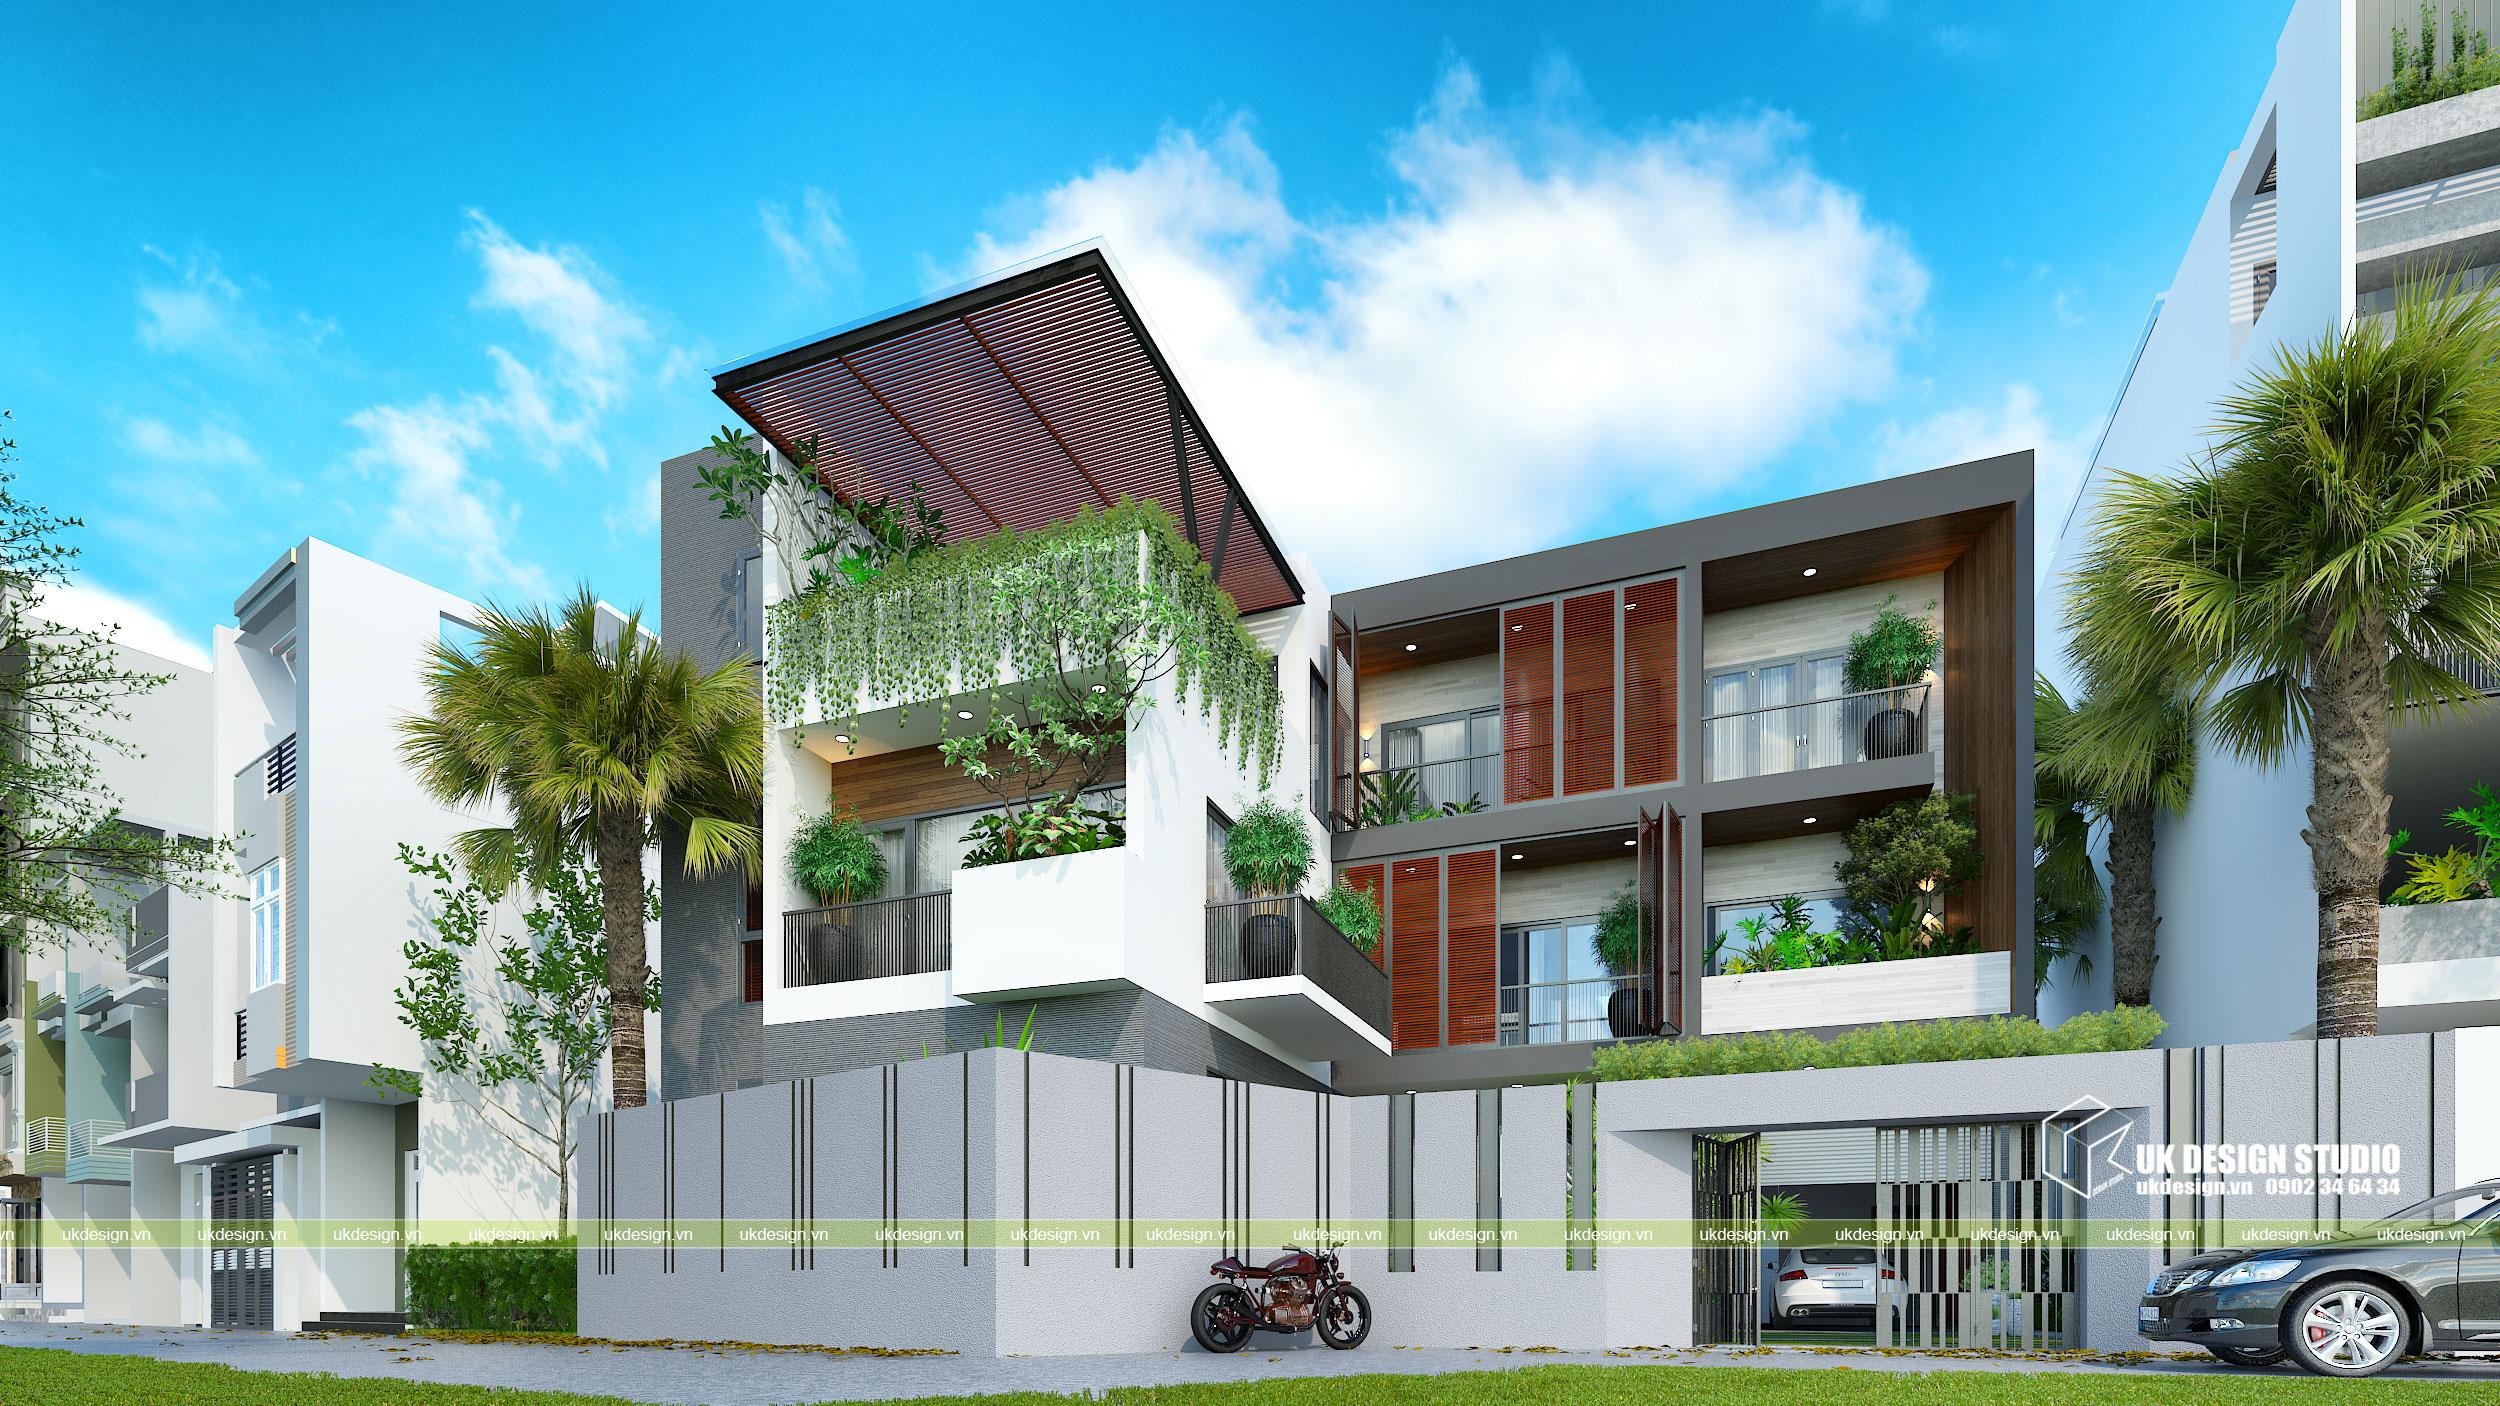 Thiết kế biệt thự hiện đại mái bằng chữ L 1